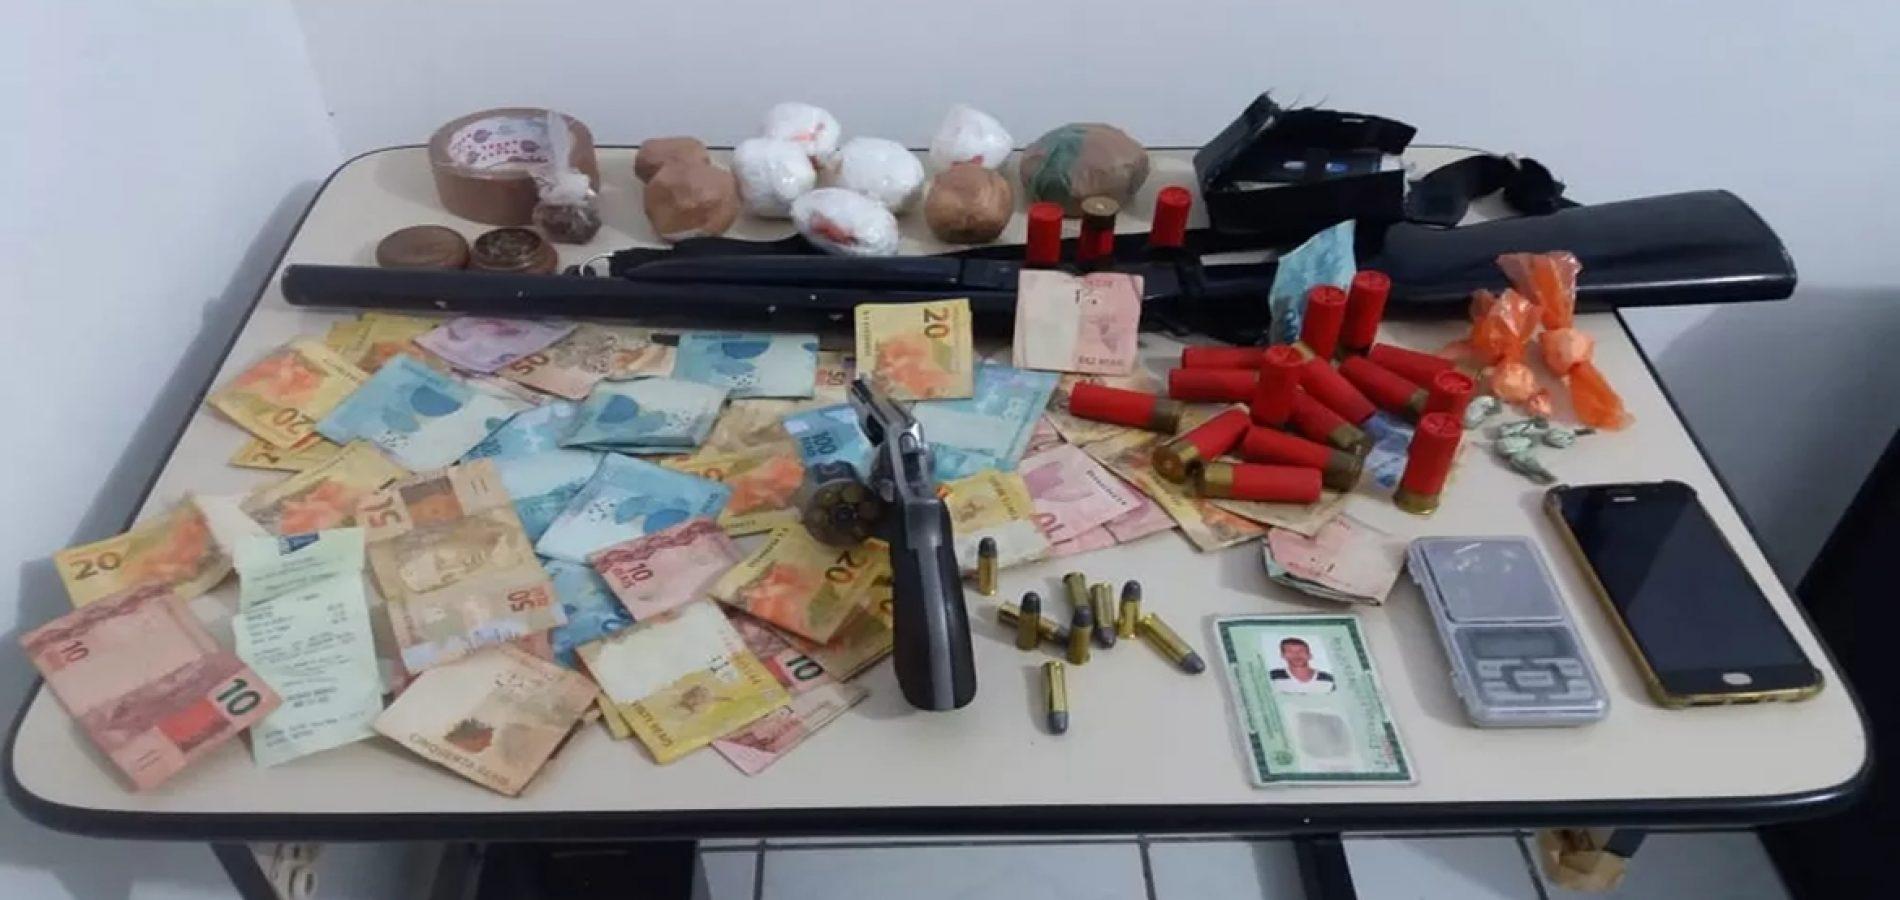 Acusado de matar o próprio pai é preso por porte ilegal de arma e tráfico de drogas no Piauí